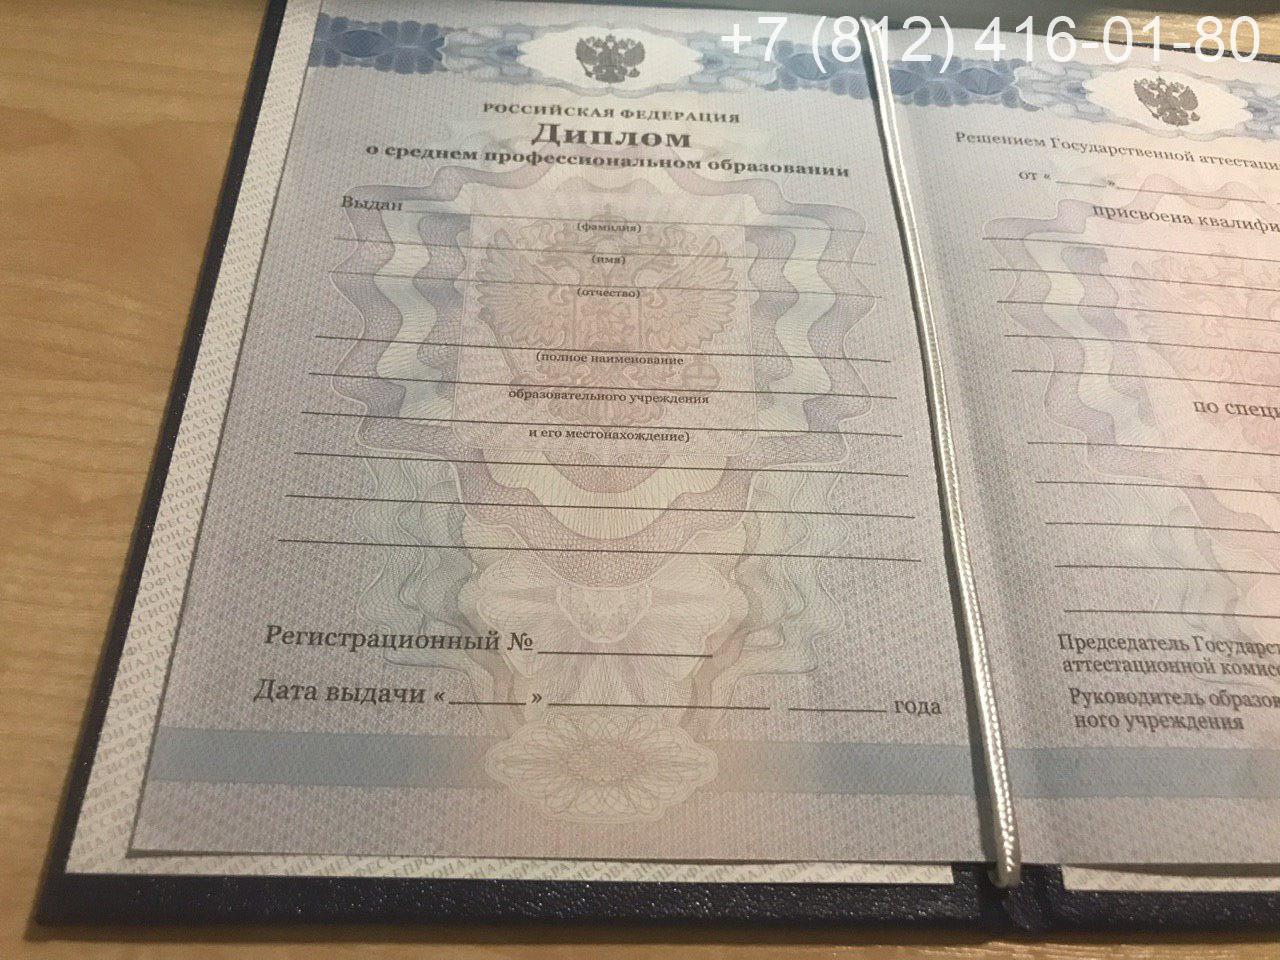 Диплом техникума 2011-2013 годов, старого образца